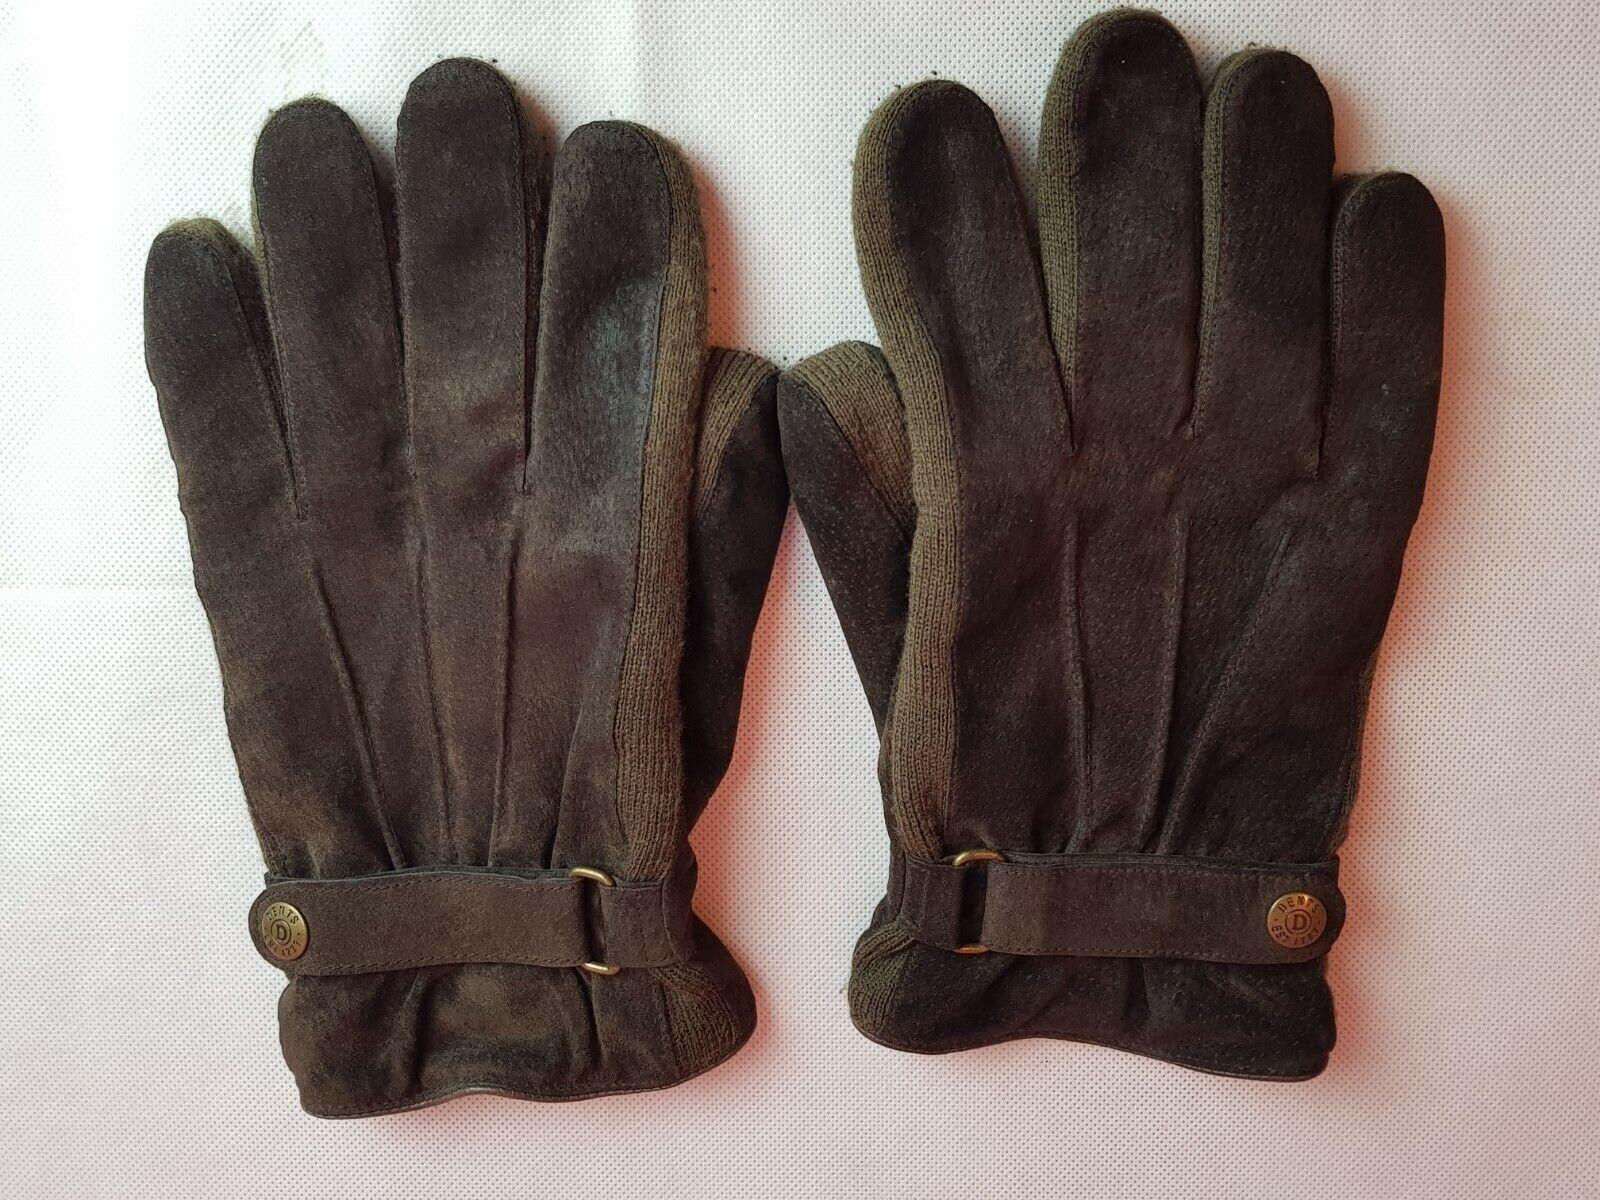 Dents Men's Leather Suede Side Knit Fleece Lined Wrist Adjustable Gloves Size L